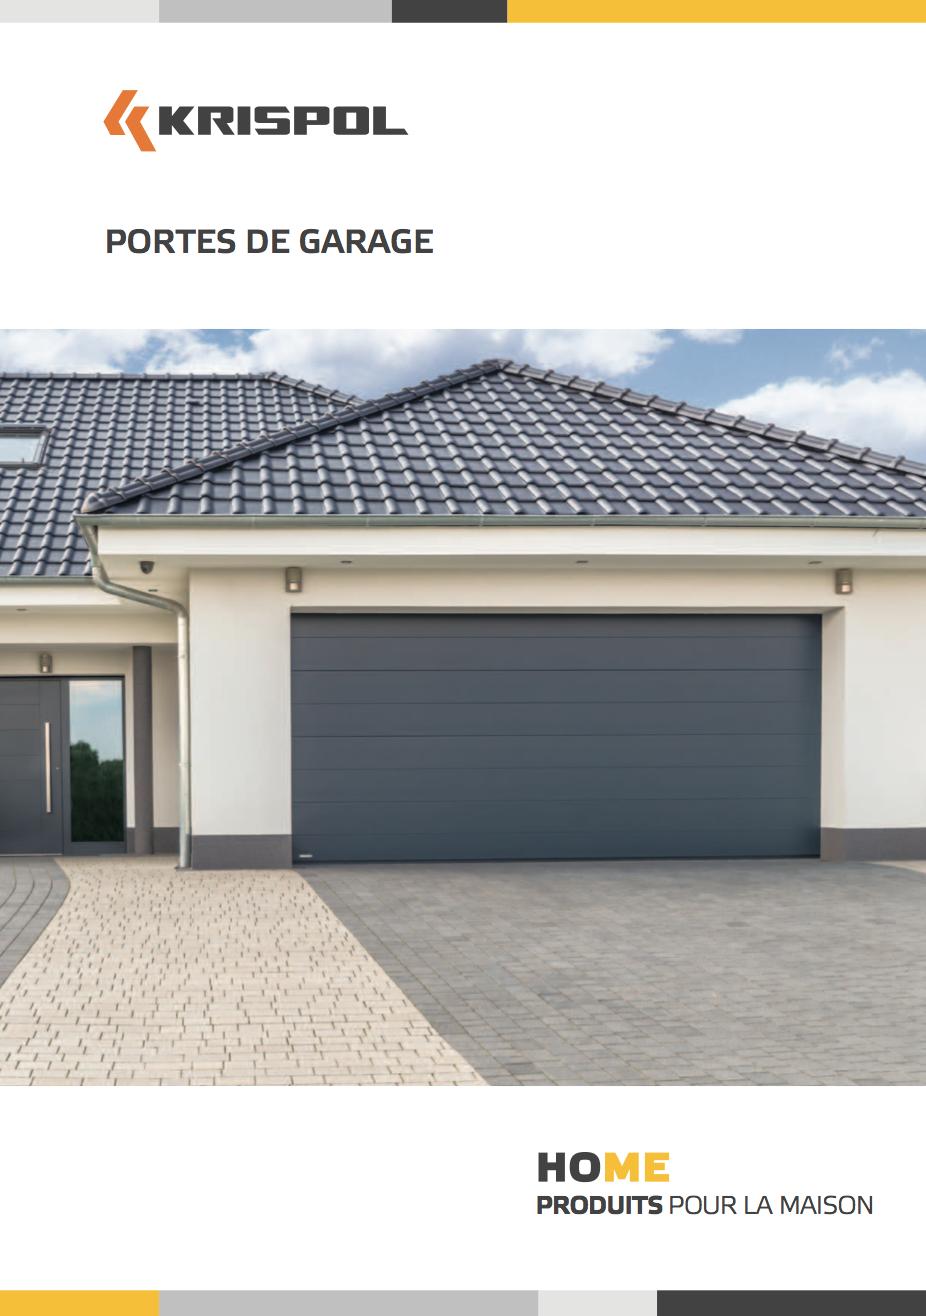 Portes_de_garage